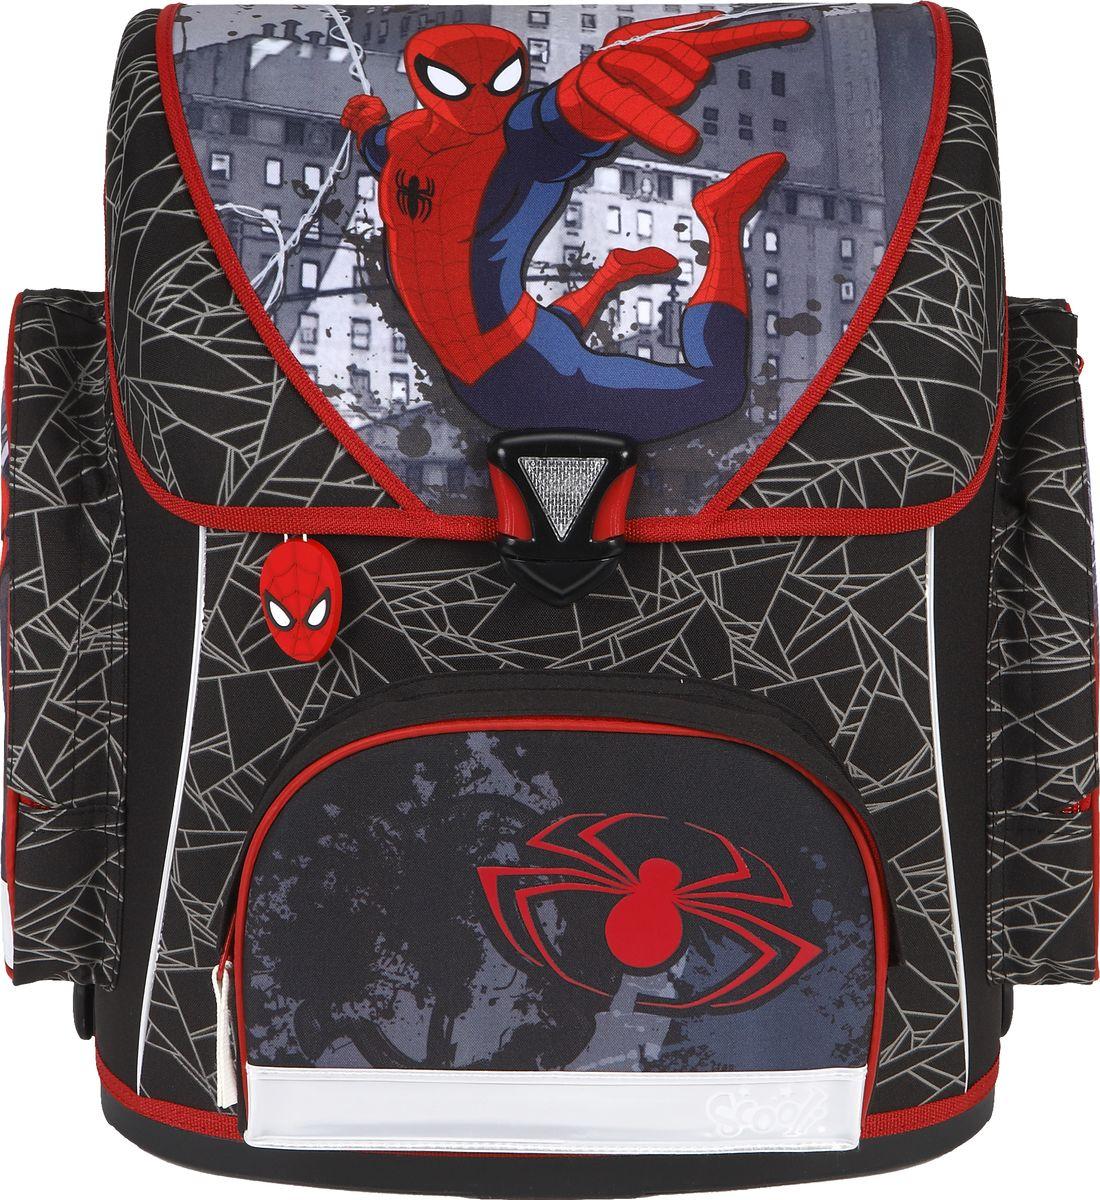 Scooli Ранец школьный Spider-ManSP13823Школьный ранец Scooli Spider-Man - универсальная модель, которая подойдет как для учеников первого класса, так и для школьников до четвертого класса.Ранец имеет мягкую спинку с воздухообменной сеткой, регулируемые лямки с системой вентиляции, ручку для переноски в руках или подвешивания на парту. На лицевой стороне ранца находится карман на молнии, по бокам - два кармана на молниях. Изделие имеет вместительное отделение, закрывающееся на защелку со встроенным светоотражателем. Внутри отделения располагаются органайзер (кармашек для мобильного телефона, карман, карман на молнии, карабин для ключей, 2 кармана для документов формата А4), разделители на липучке для тетрадей. На дне рюкзака находятся четыре 4 прорезиненные подставки.